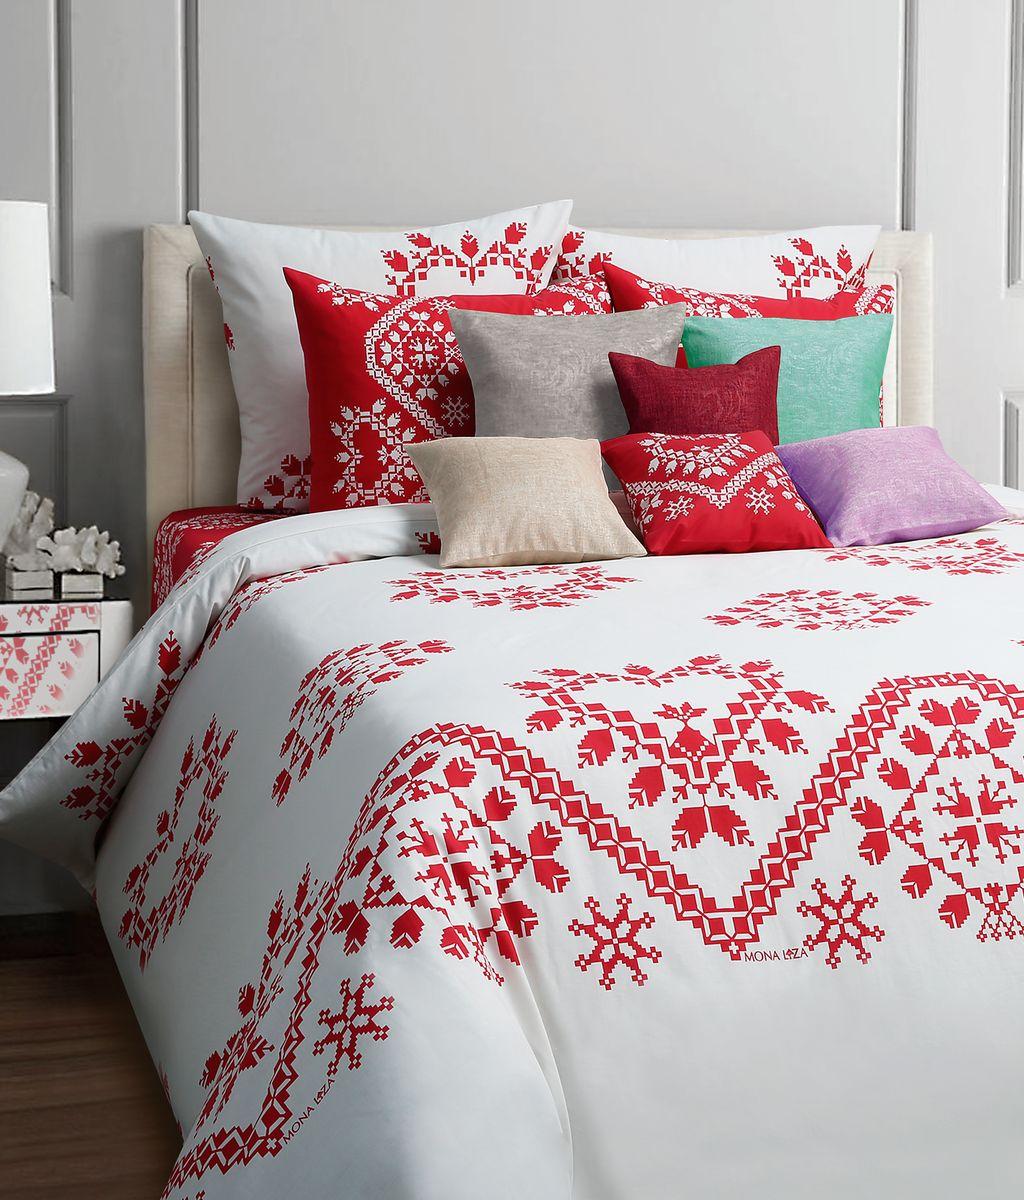 Комплект белья Mona Liza Folk, 2-спальное, наволочки 50x70, цвет: красный552205/05Коллекция постельного белья MONA LIZA Classic поражает многообразием дизайнов. Среди них легко подобрать необходимый рисунок, который создаст в доме уют. Комплекты выполнены из бязи 100 % хлопка.